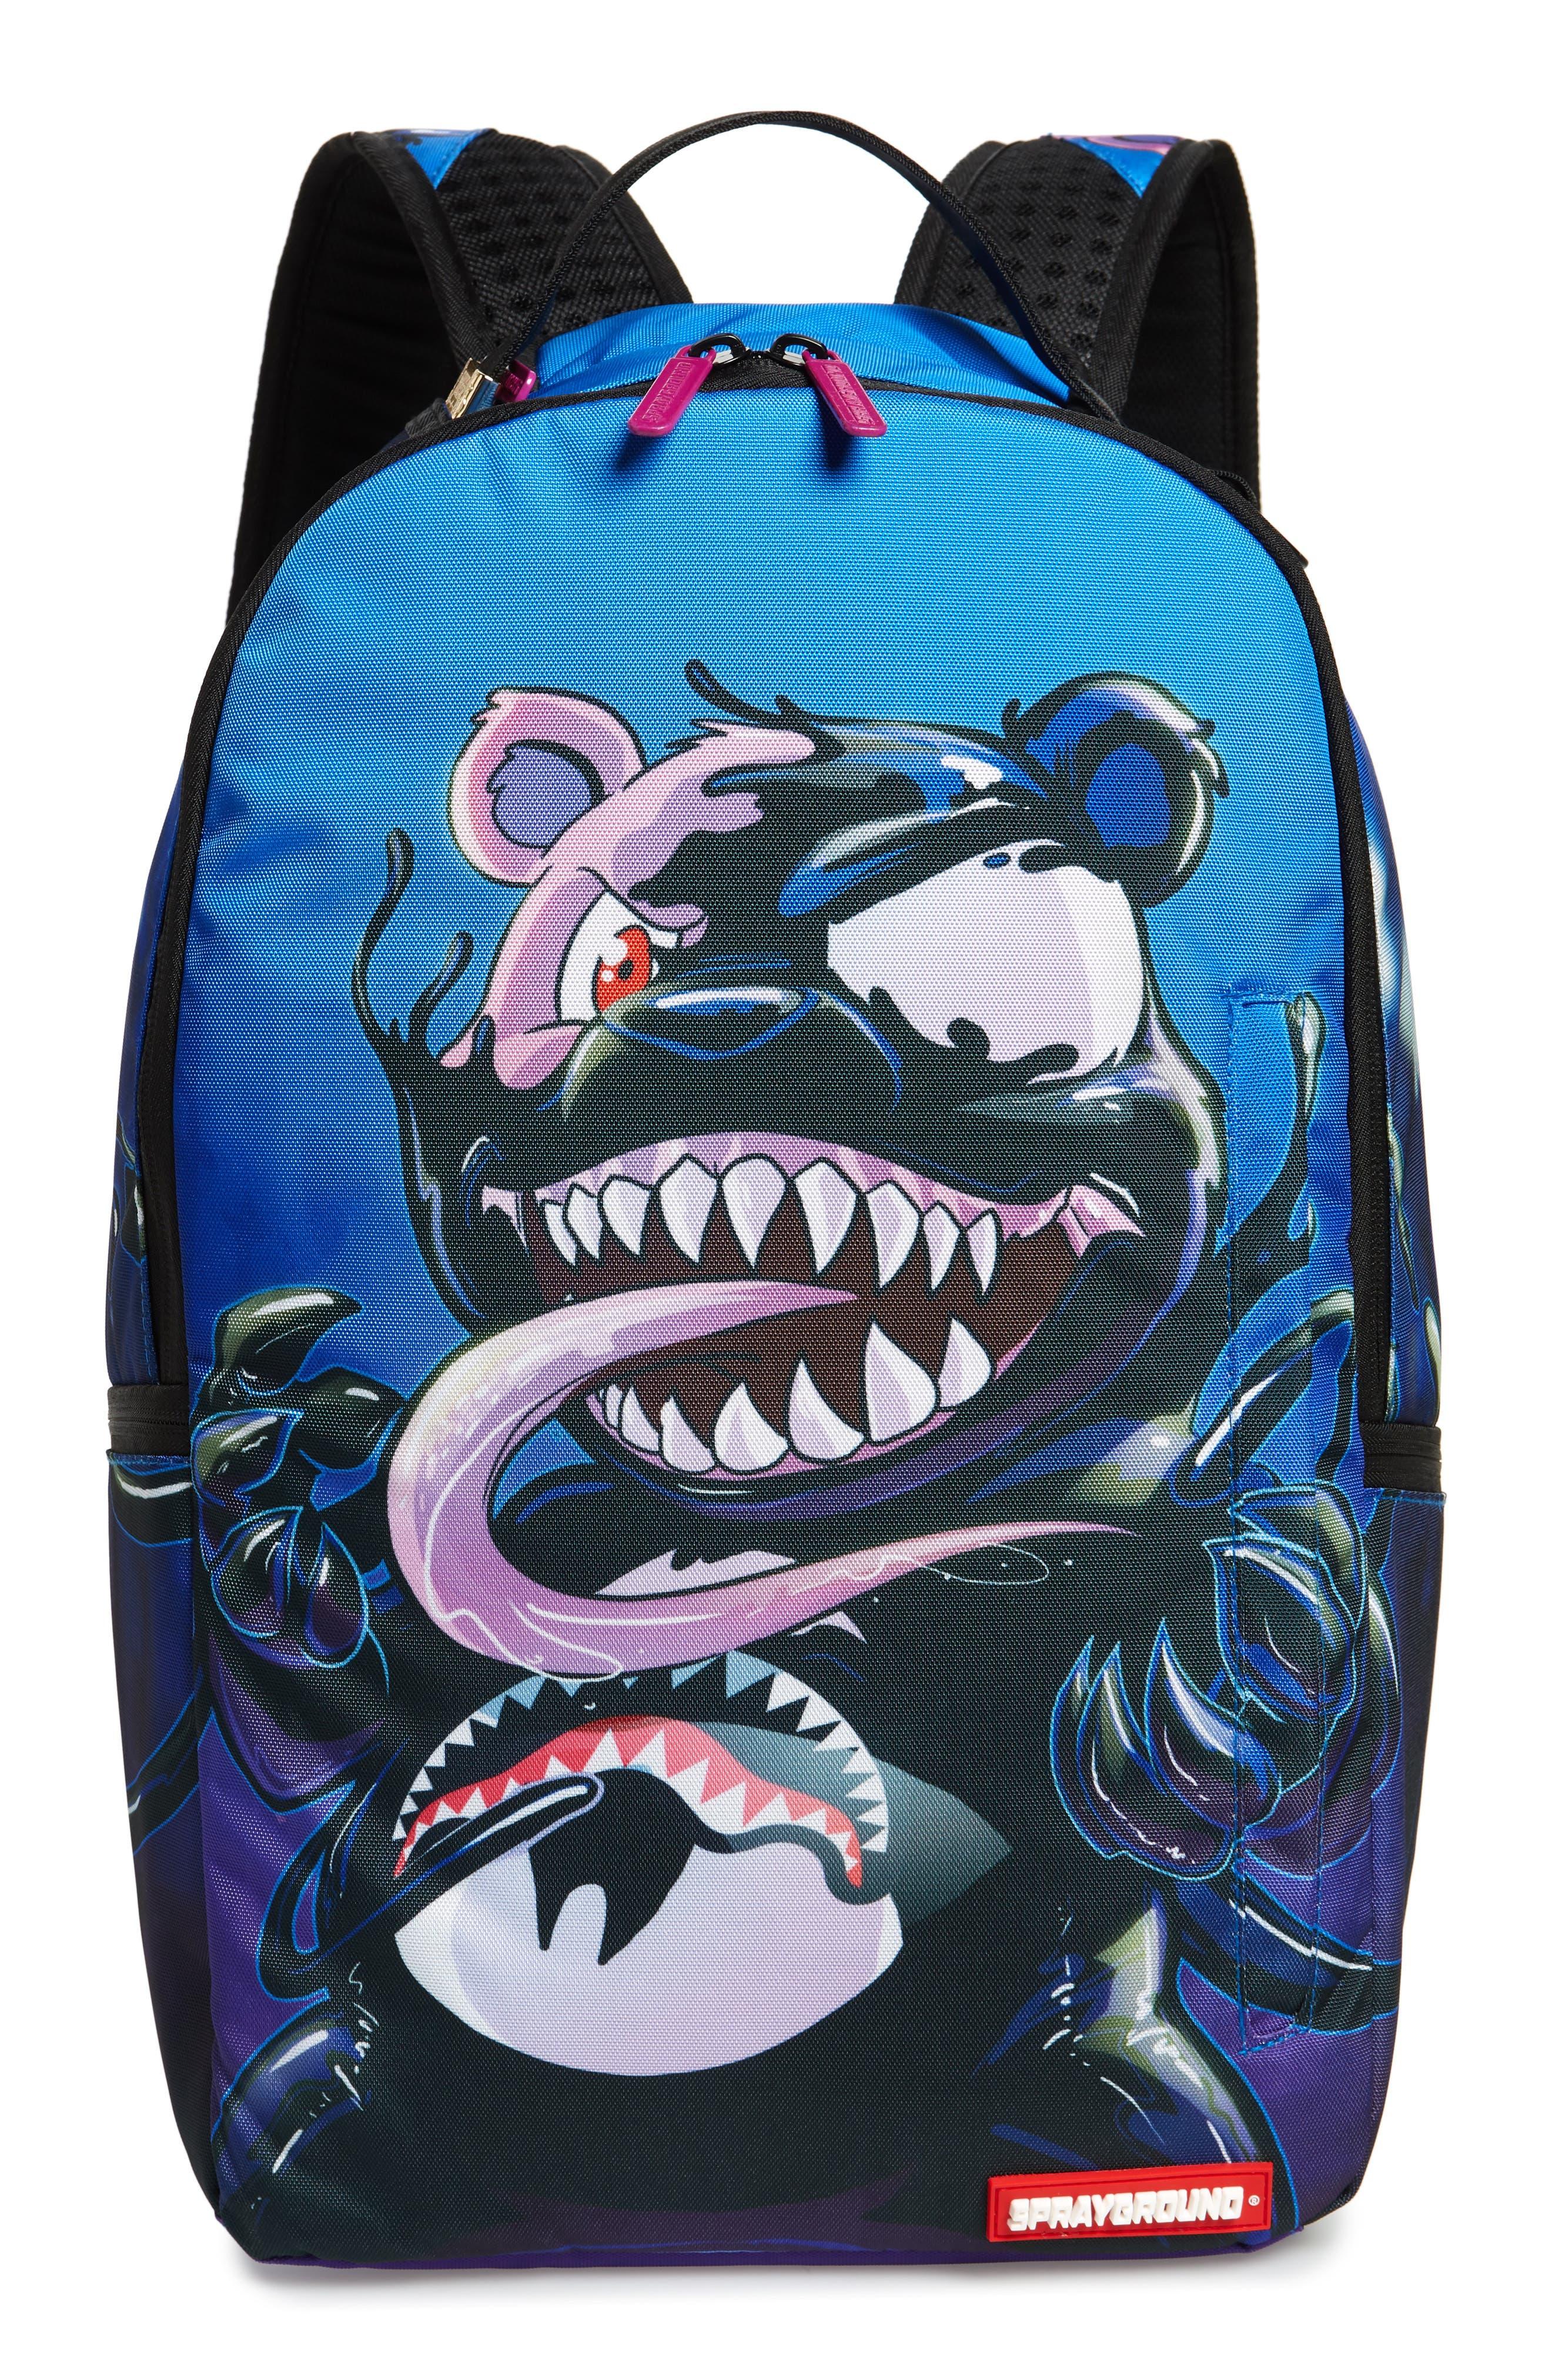 SPRAYGROUND Villain Bear Print Backpack, Main, color, 400